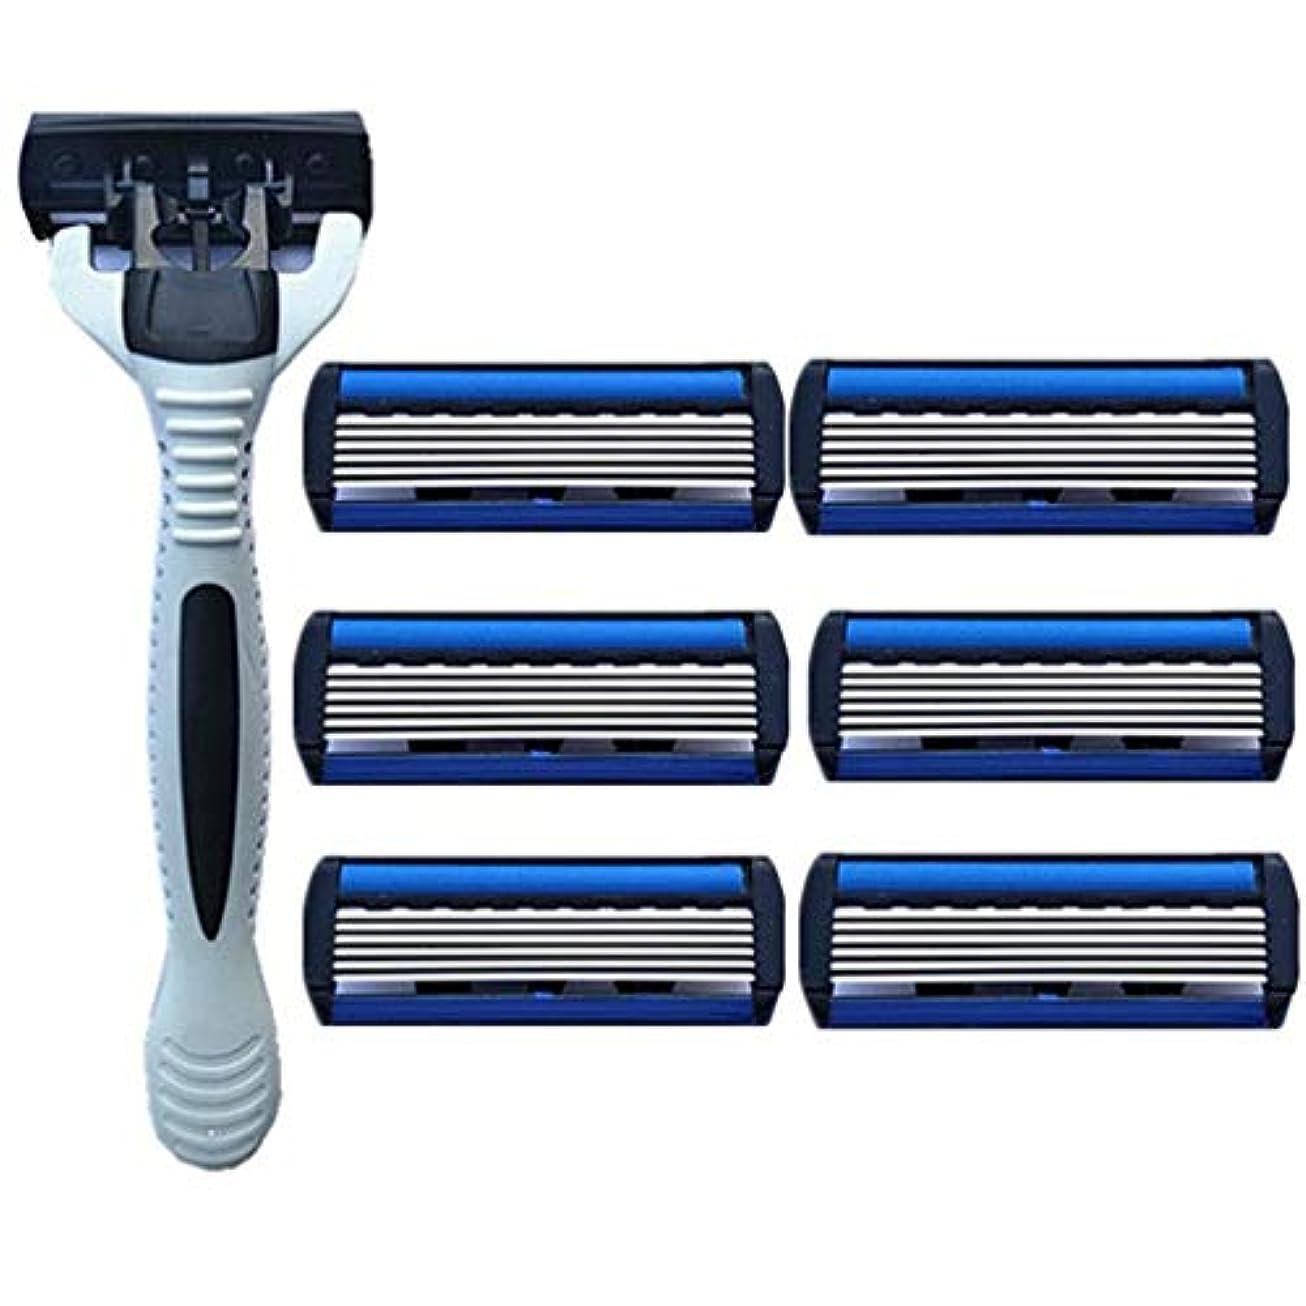 違反する序文終了するブレイドカミソリ7PCSカッターヘッドセットシャープで耐久性のかみそりでポータブルメンズ6層レイザーフレーム